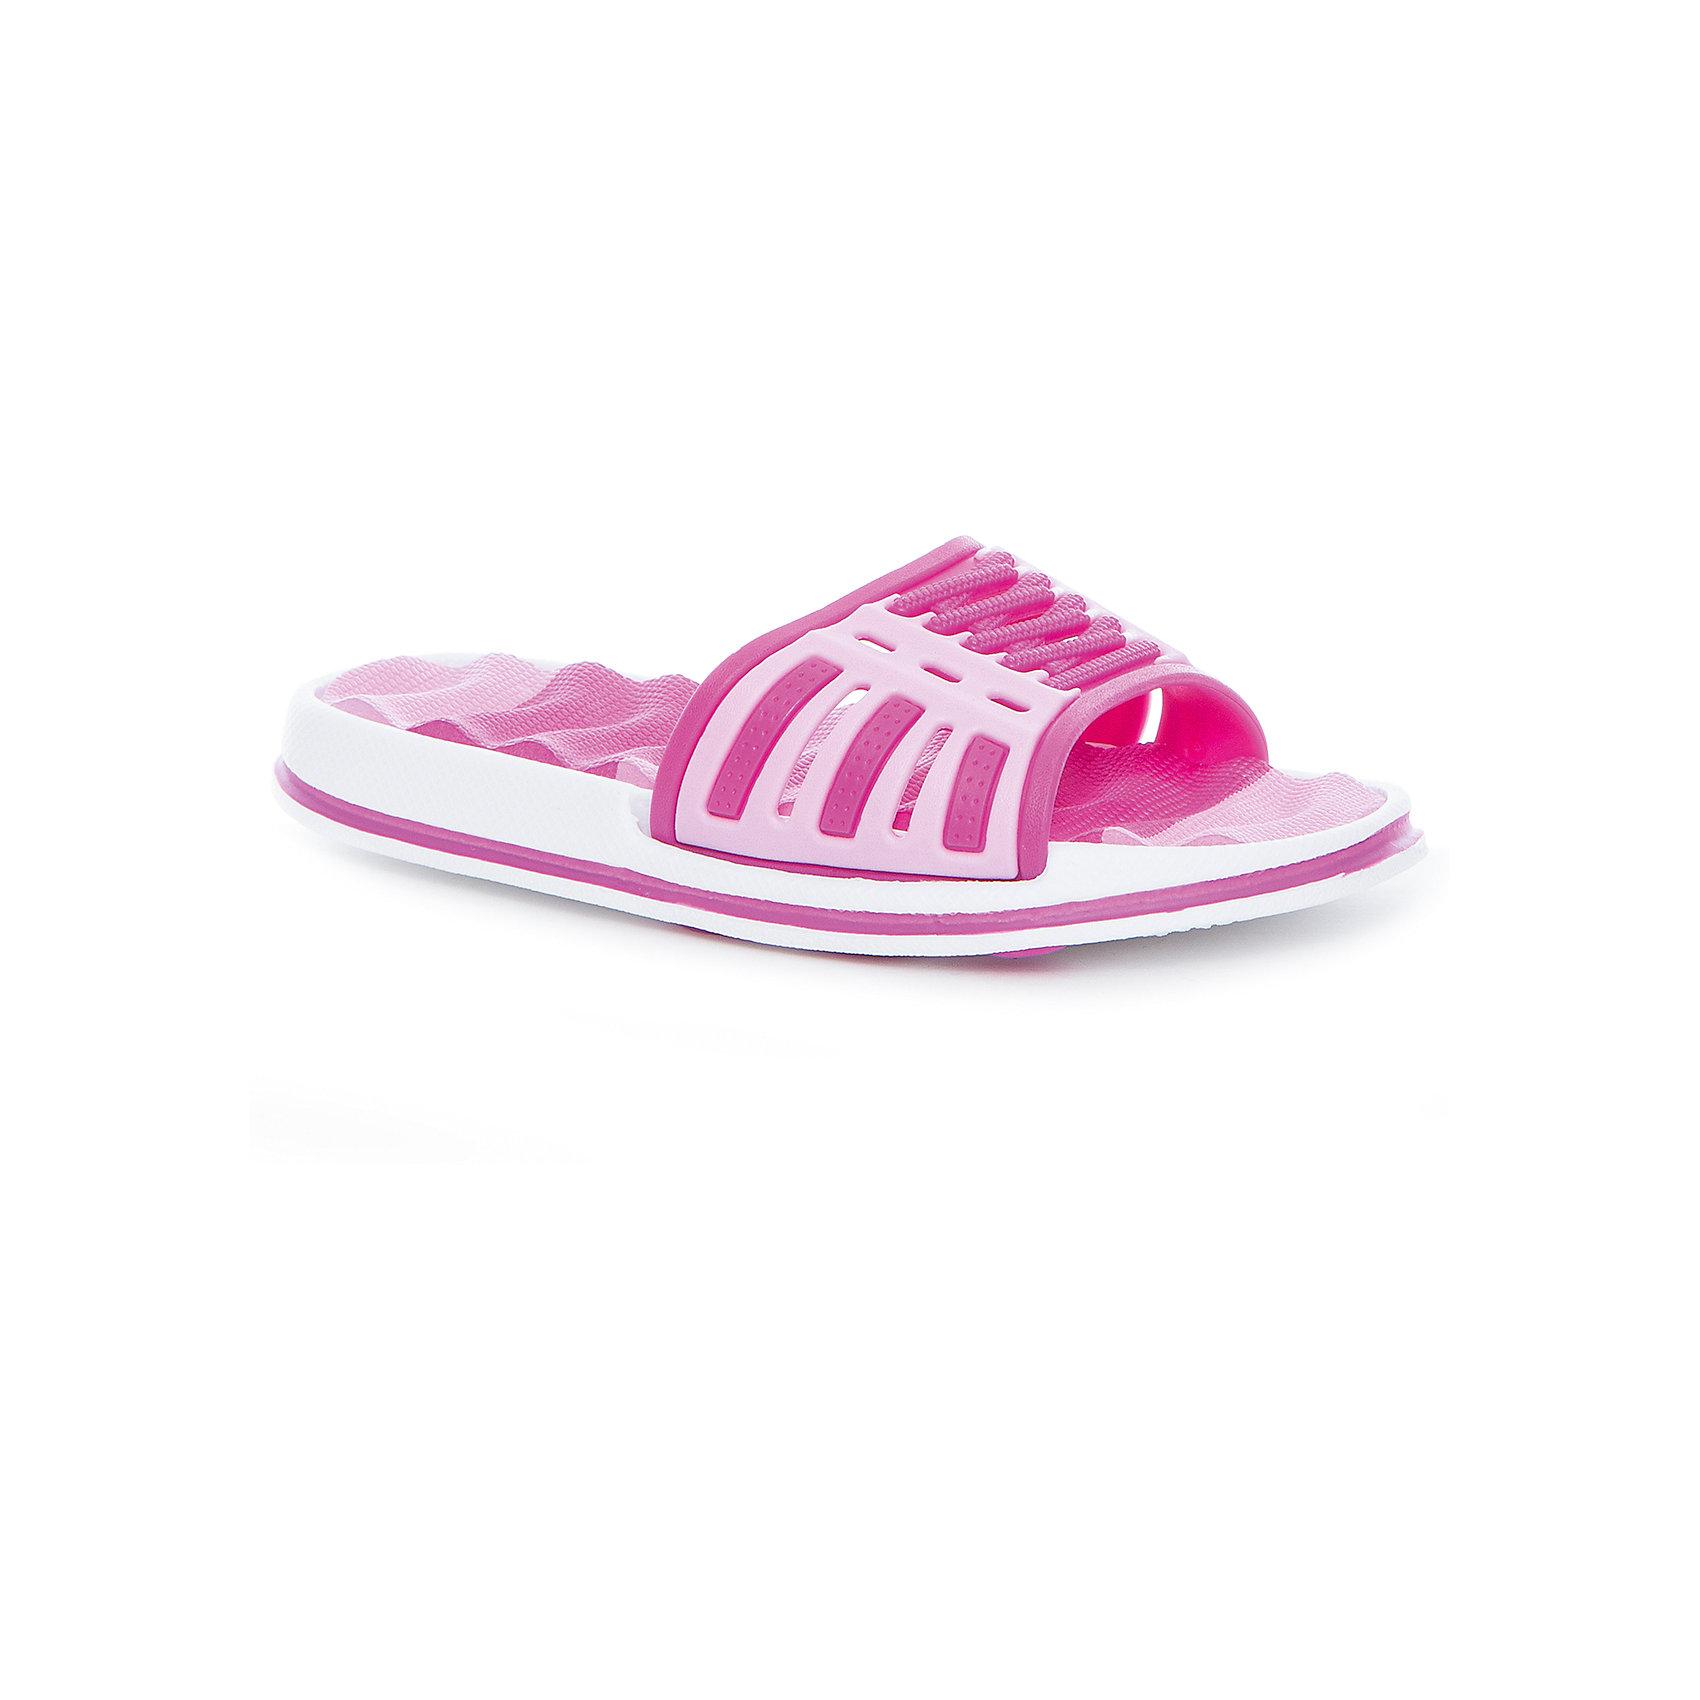 Шлепанцы для девочки MURSUОбувь<br>Характеристики товара:<br><br>• цвет: розовый<br>• внешний материал: ПВХ<br>• внутренний материал: ПВХ<br>• стелька: ЭВА<br>• подошва: ЭВА<br>• облегчённая модель<br>• подходит для пляжа <br>• подходит для занятий в бассейне<br>• отверстия для вентиляции<br>• устойчивая подошва<br>• страна бренда: Финляндия<br>• страна изготовитель: Китай<br><br>Детям для правильного развития стопы и всего организма необходима качественная обувь. Эта удобная пляжная обувь поможет создать ногам ребенка комфортные условия, благодаря продуманной конструкции она отлично сидит на ноге. Это отличный вариант правильной и красивой детской обуви!<br><br>Шлёпанцы от финского бренда MURSU (МУРСУ) можно купить в нашем интернет-магазине.<br><br>Ширина мм: 248<br>Глубина мм: 135<br>Высота мм: 147<br>Вес г: 256<br>Цвет: розовый<br>Возраст от месяцев: 132<br>Возраст до месяцев: 144<br>Пол: Женский<br>Возраст: Детский<br>Размер: 35,30,31,32,33,34<br>SKU: 5326142